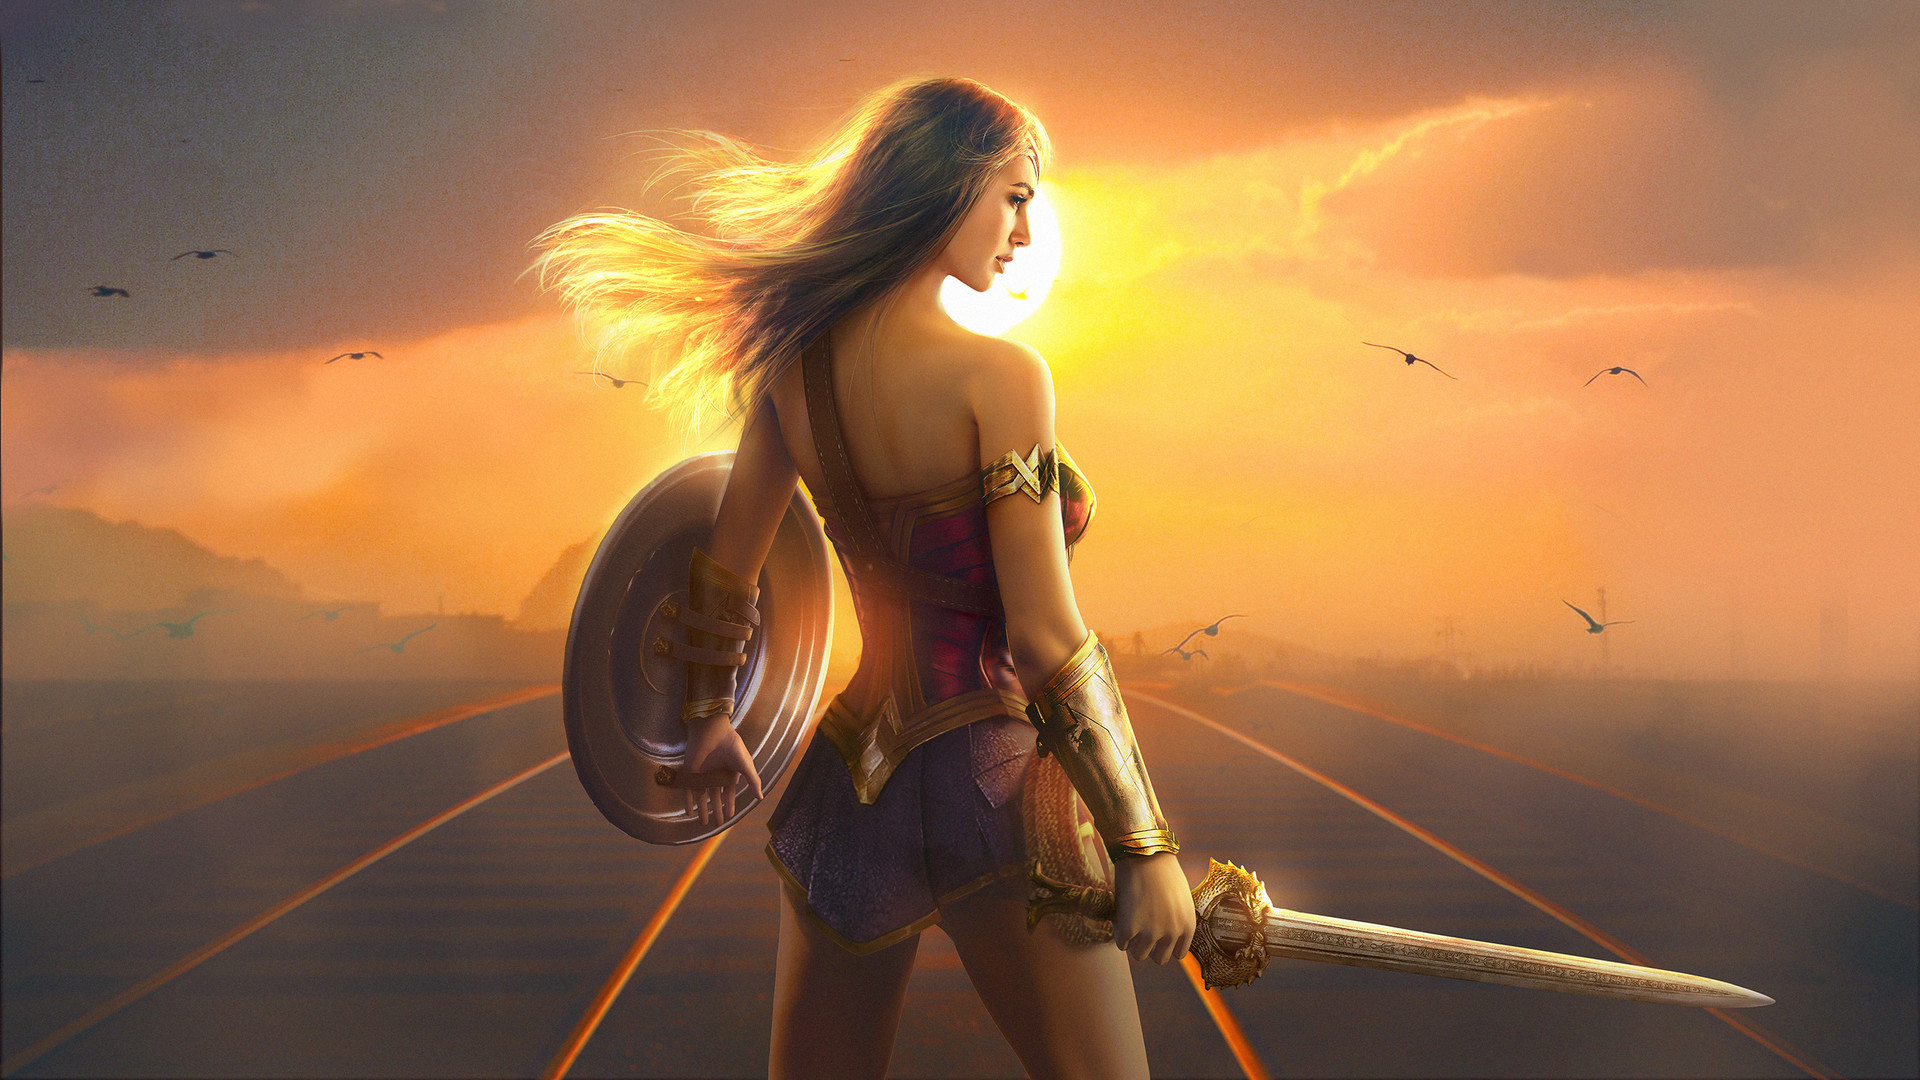 Wonder Woman Fan Art HD